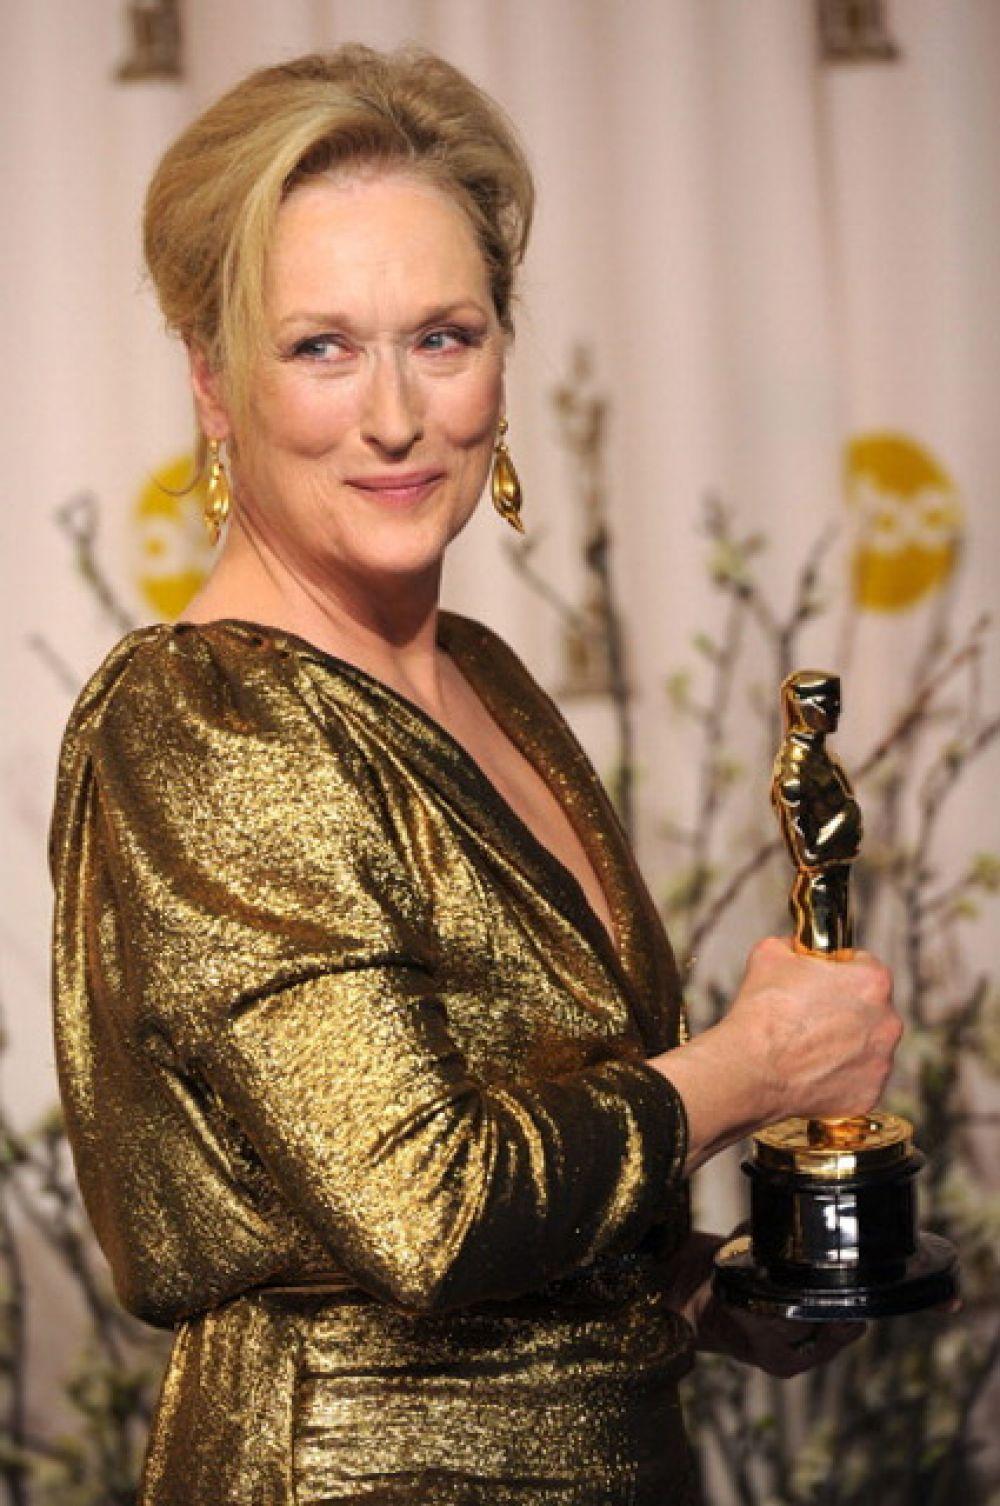 Больше всего актерских номинаций (среди женщин): актриса Мэрил Стрип номинировалась на «Оскар» 20 раз.